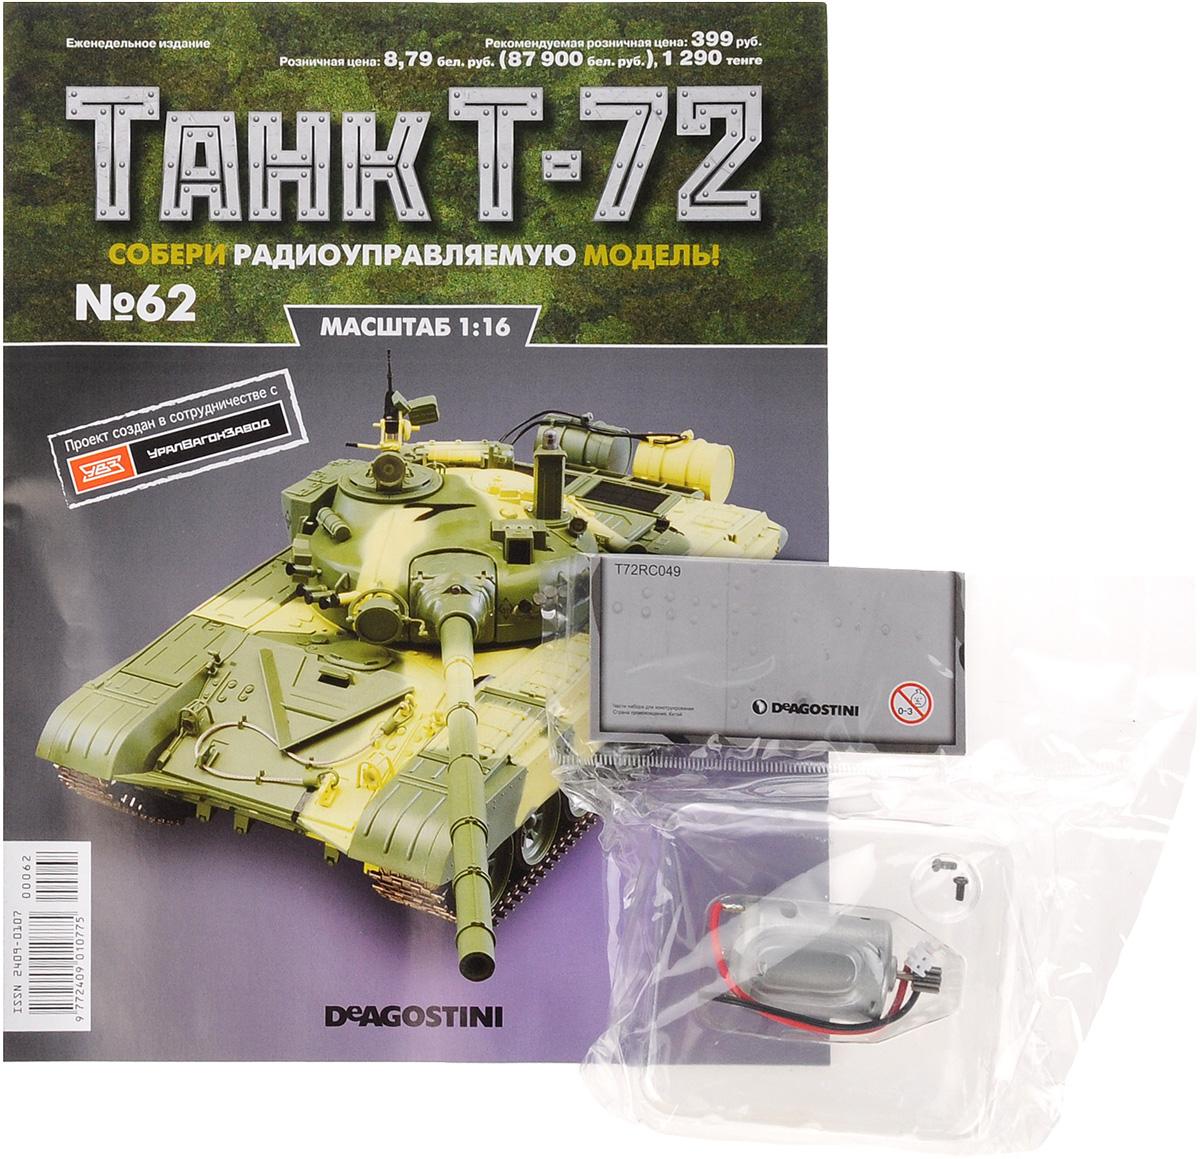 Журнал Танк Т-72 №62TRC062Перед вами - журнал из уникальной серии партворков Танк Т-72 с увлекательной информацией о легендарных боевых машинах и элементами для сборки копии танка Т-72 в уменьшенном варианте 1:16. У вас есть возможность собственноручно создать высококачественную модель этого знаменитого танка с достоверным воспроизведением всех элементов, сохранением функций подлинной боевой машины и дистанционным управлением. В комплекте: 1. Ходовой мотор. 2. Винты. Категория 16+.